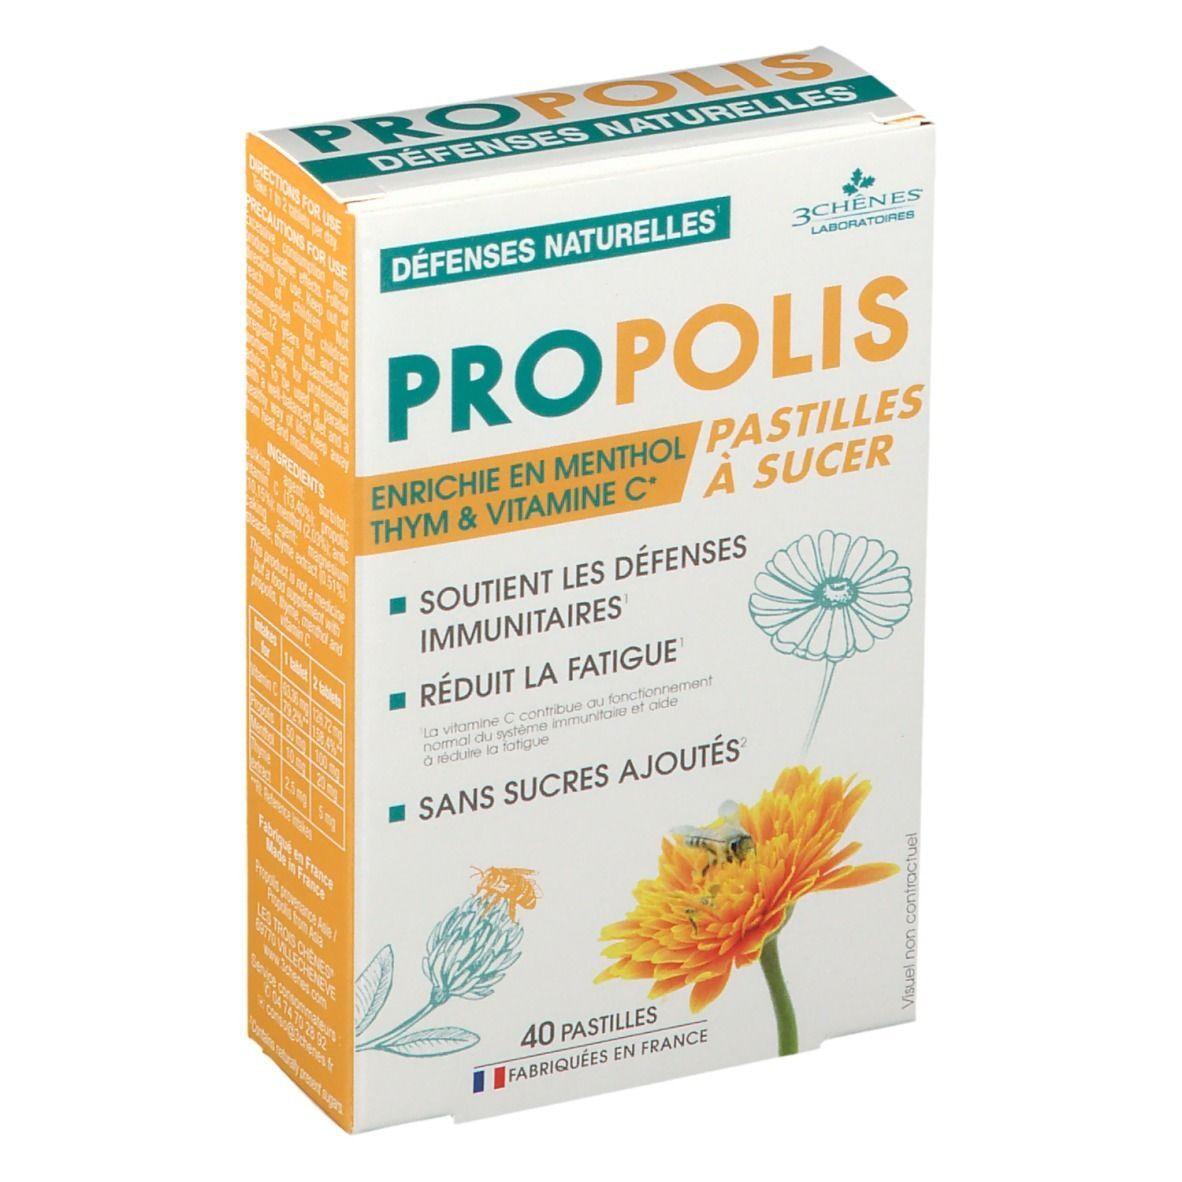 Propolis Les 3 Chênes® propolis pastilles adoucissantes et calmantes pc(s) pastille(s)